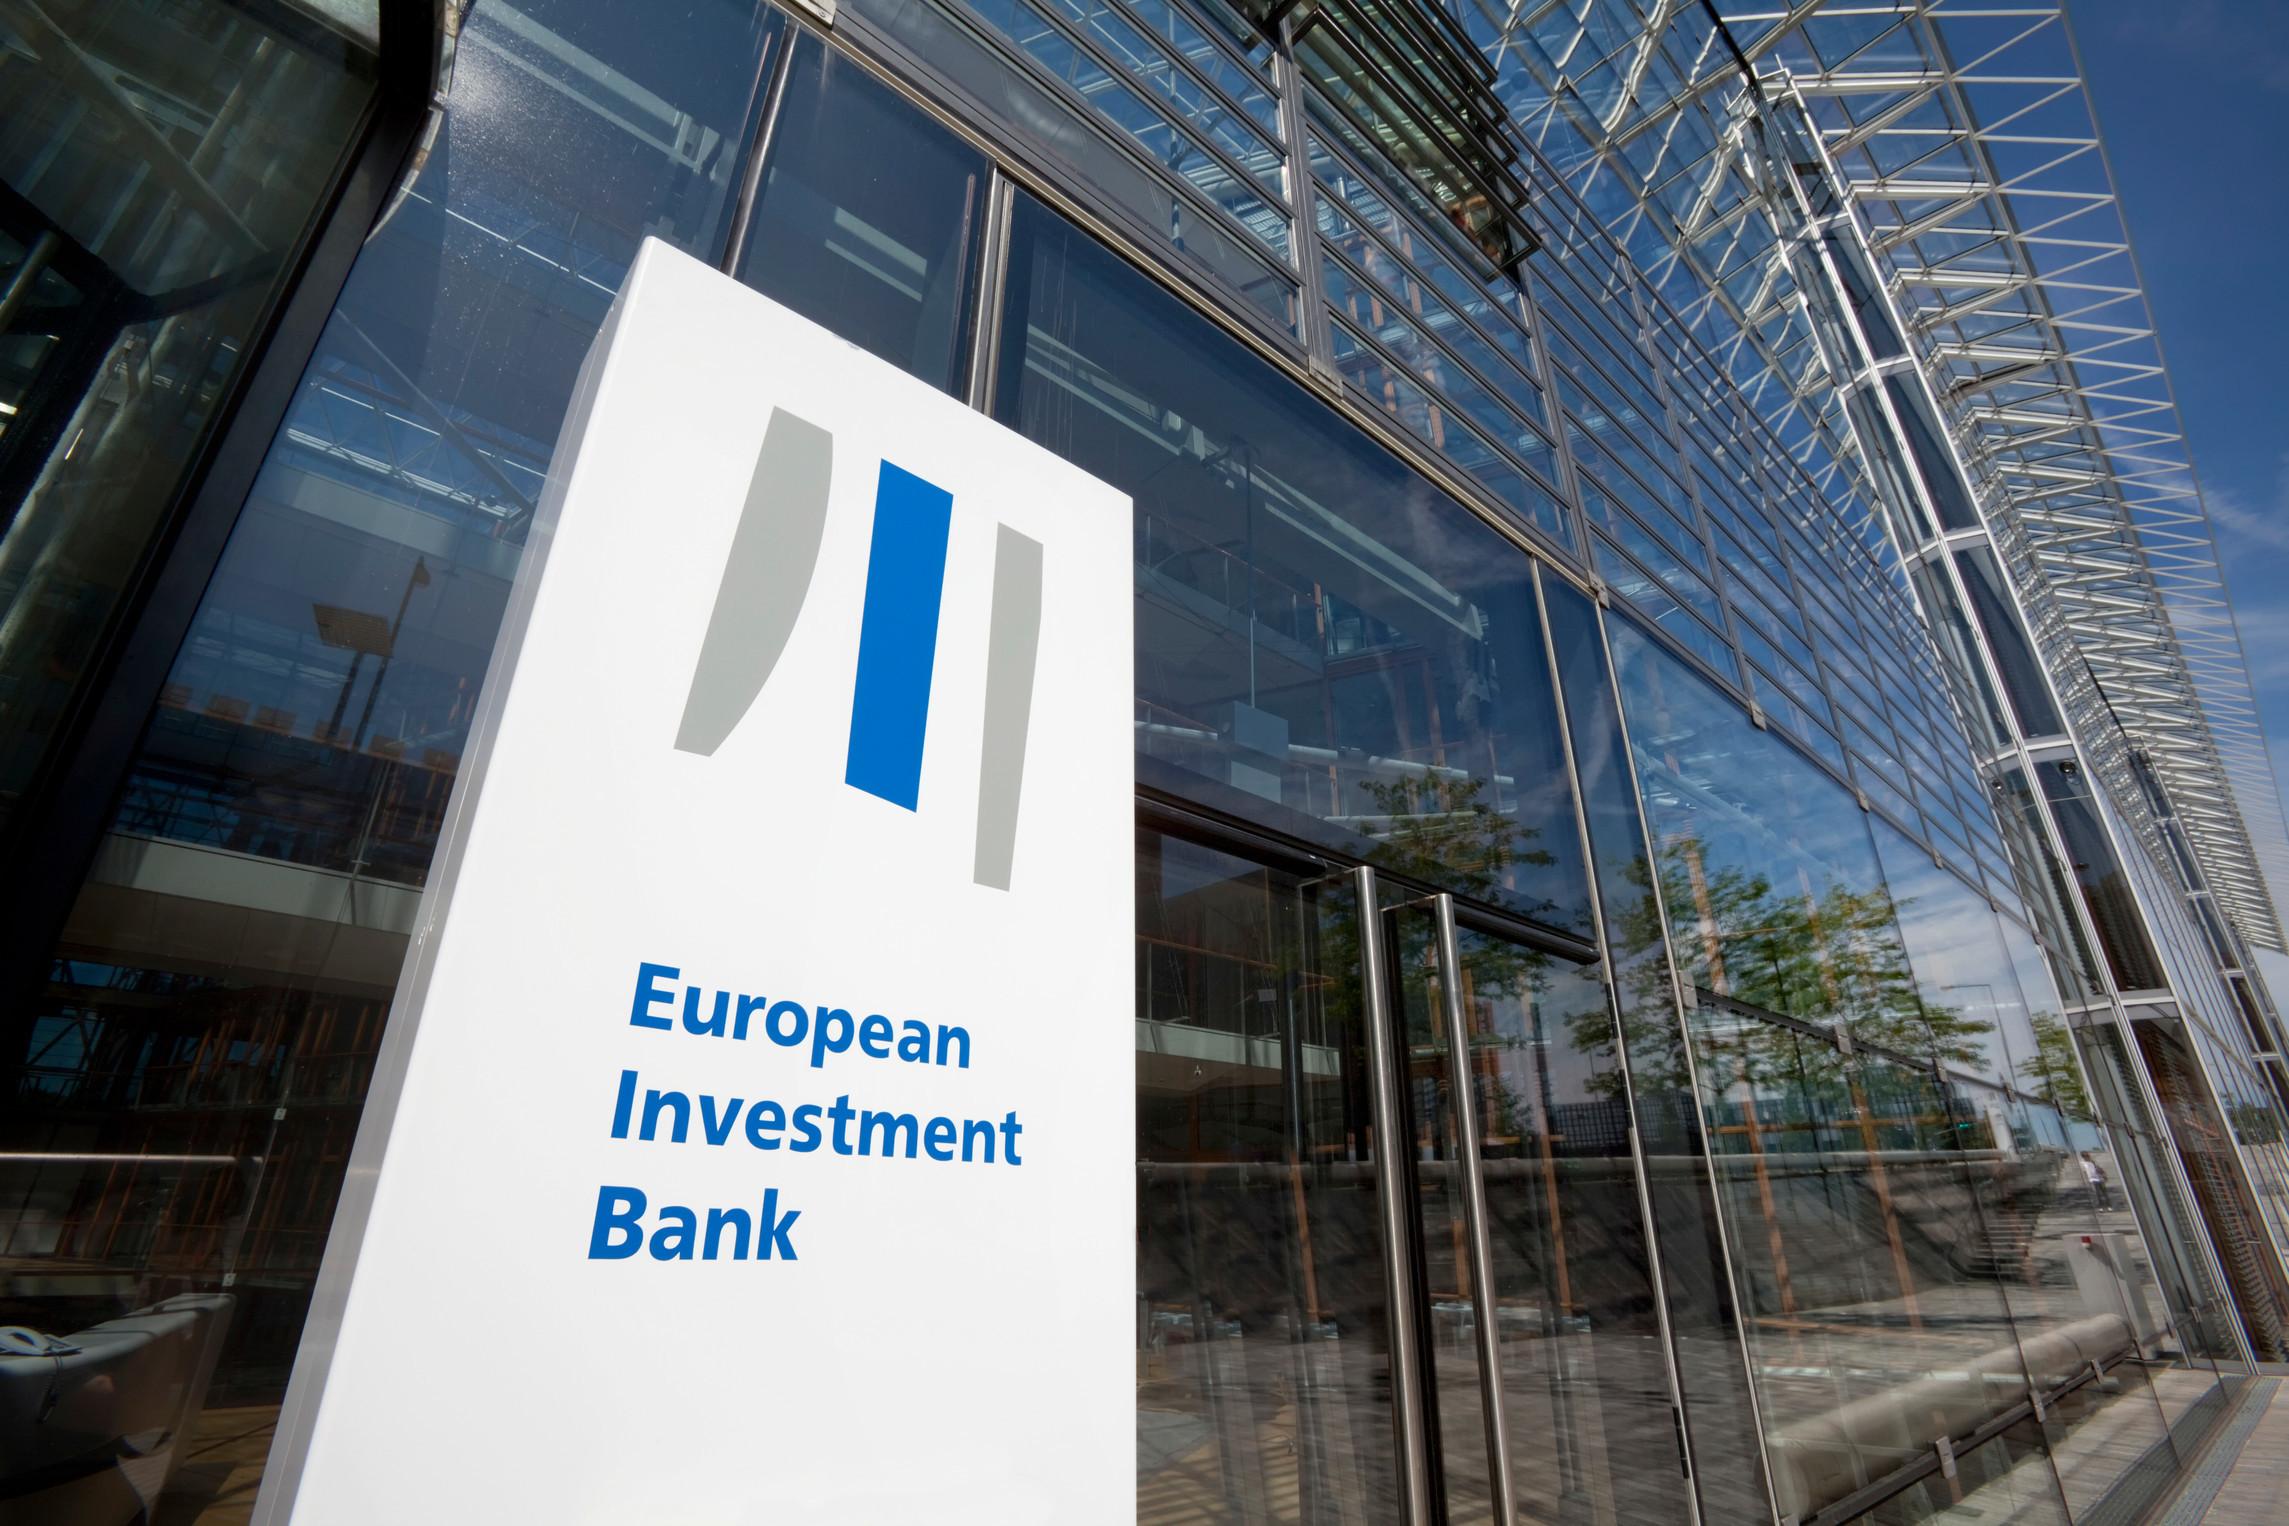 Venta de inmuebles por bancos de España